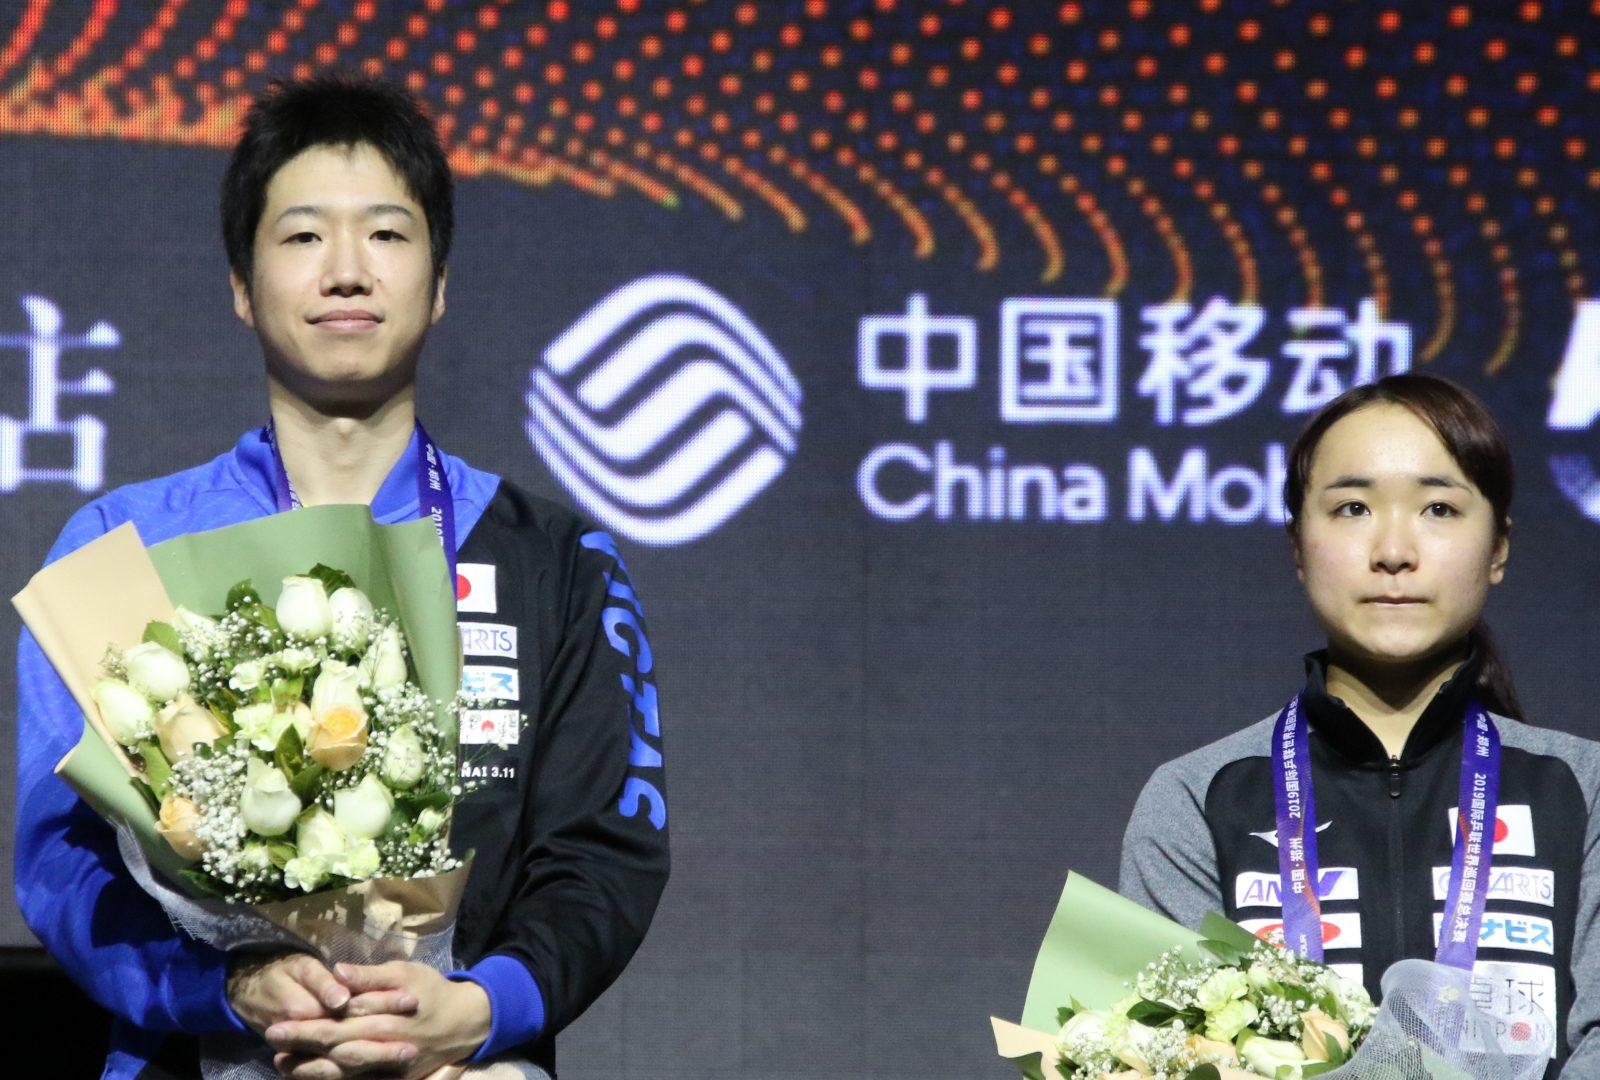 【今週の日本の卓球】五輪代表選考に終止符 グランドファイナル全日程終了